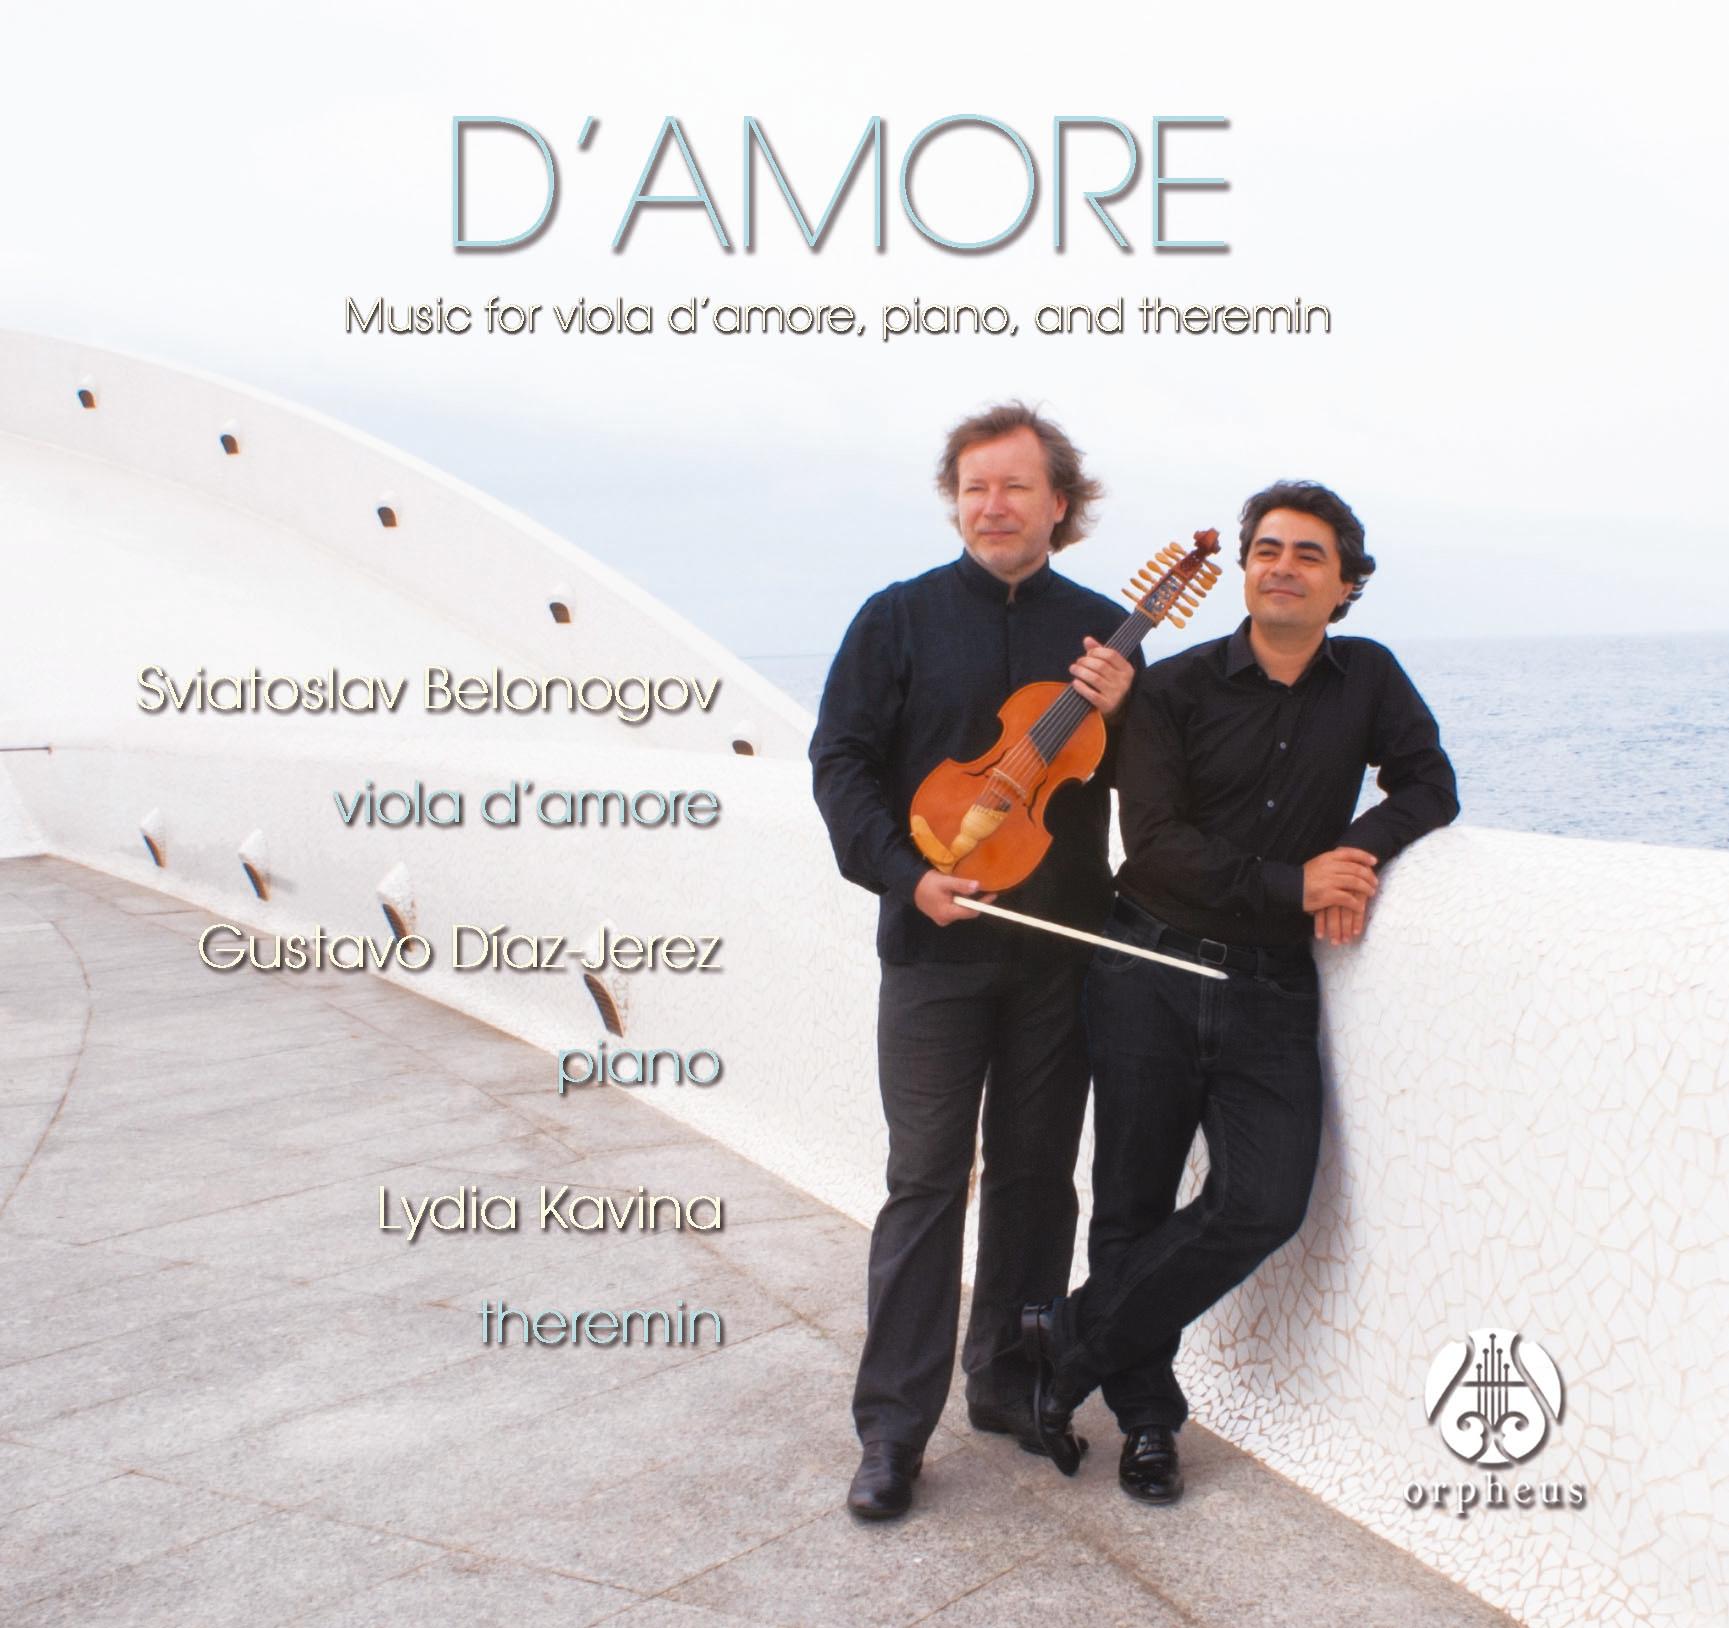 D'amore 24-1 (portada)